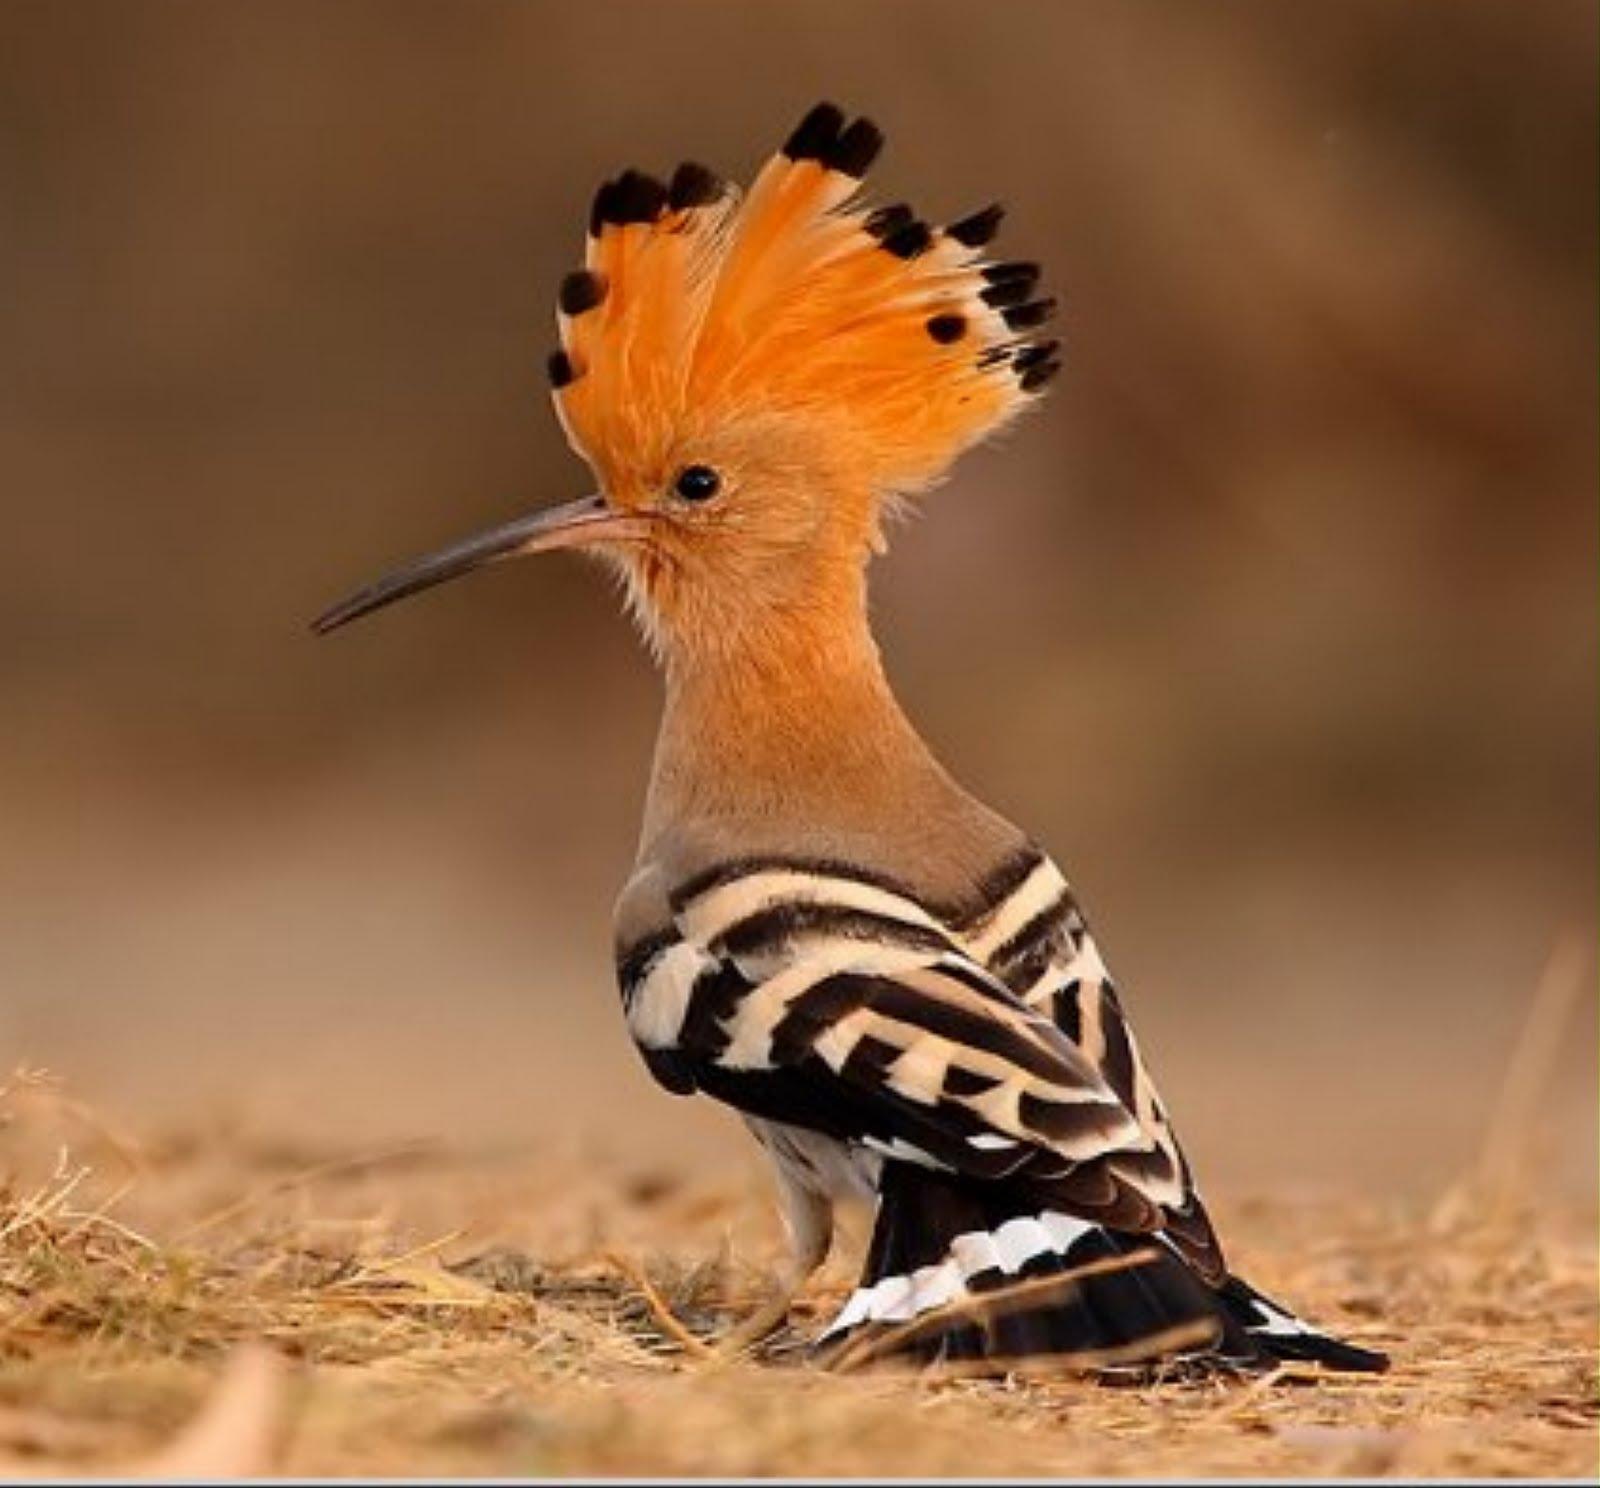 صورة صور الطيور واسمائها , مجموعة رائعة ومختلفة